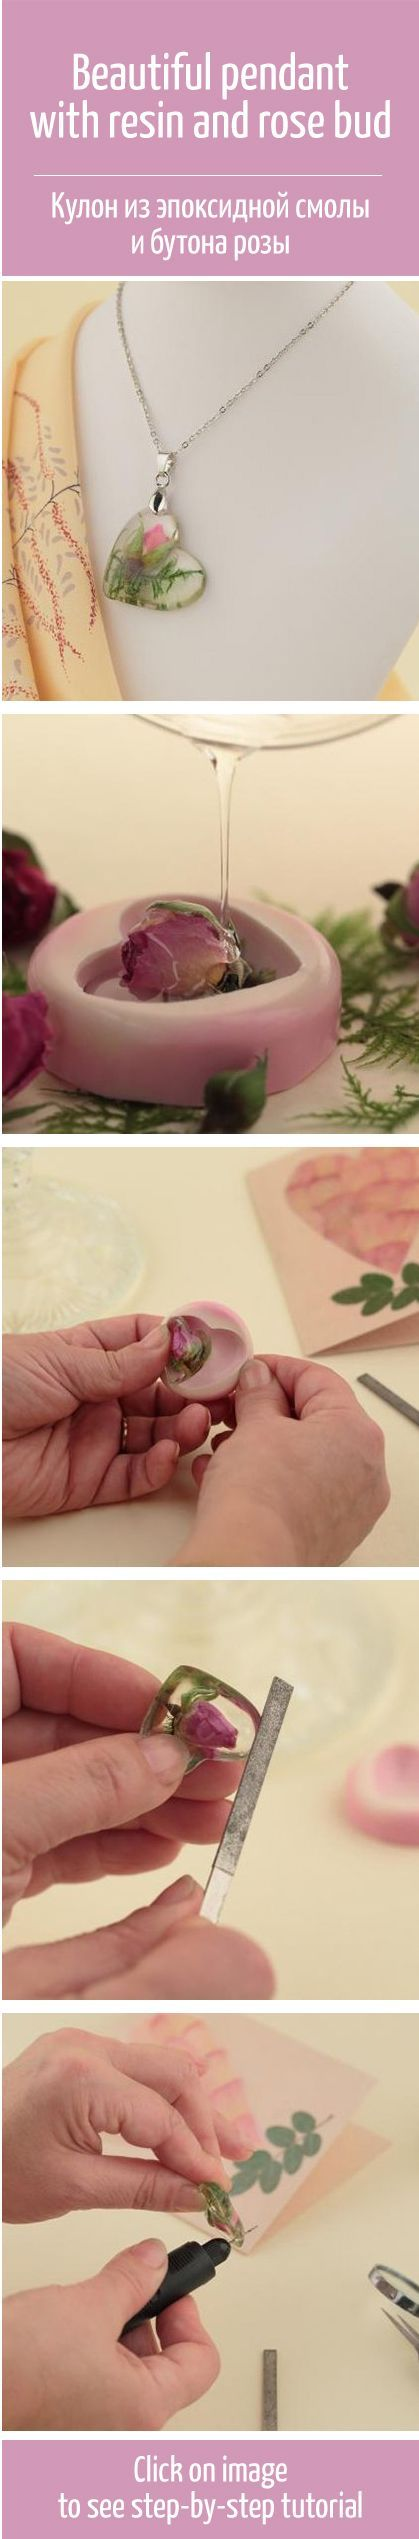 Beautiful pendant with resin and rose bud tutorial /   Цветы навсегда: учимся делать украшения из эпоксидной смолы